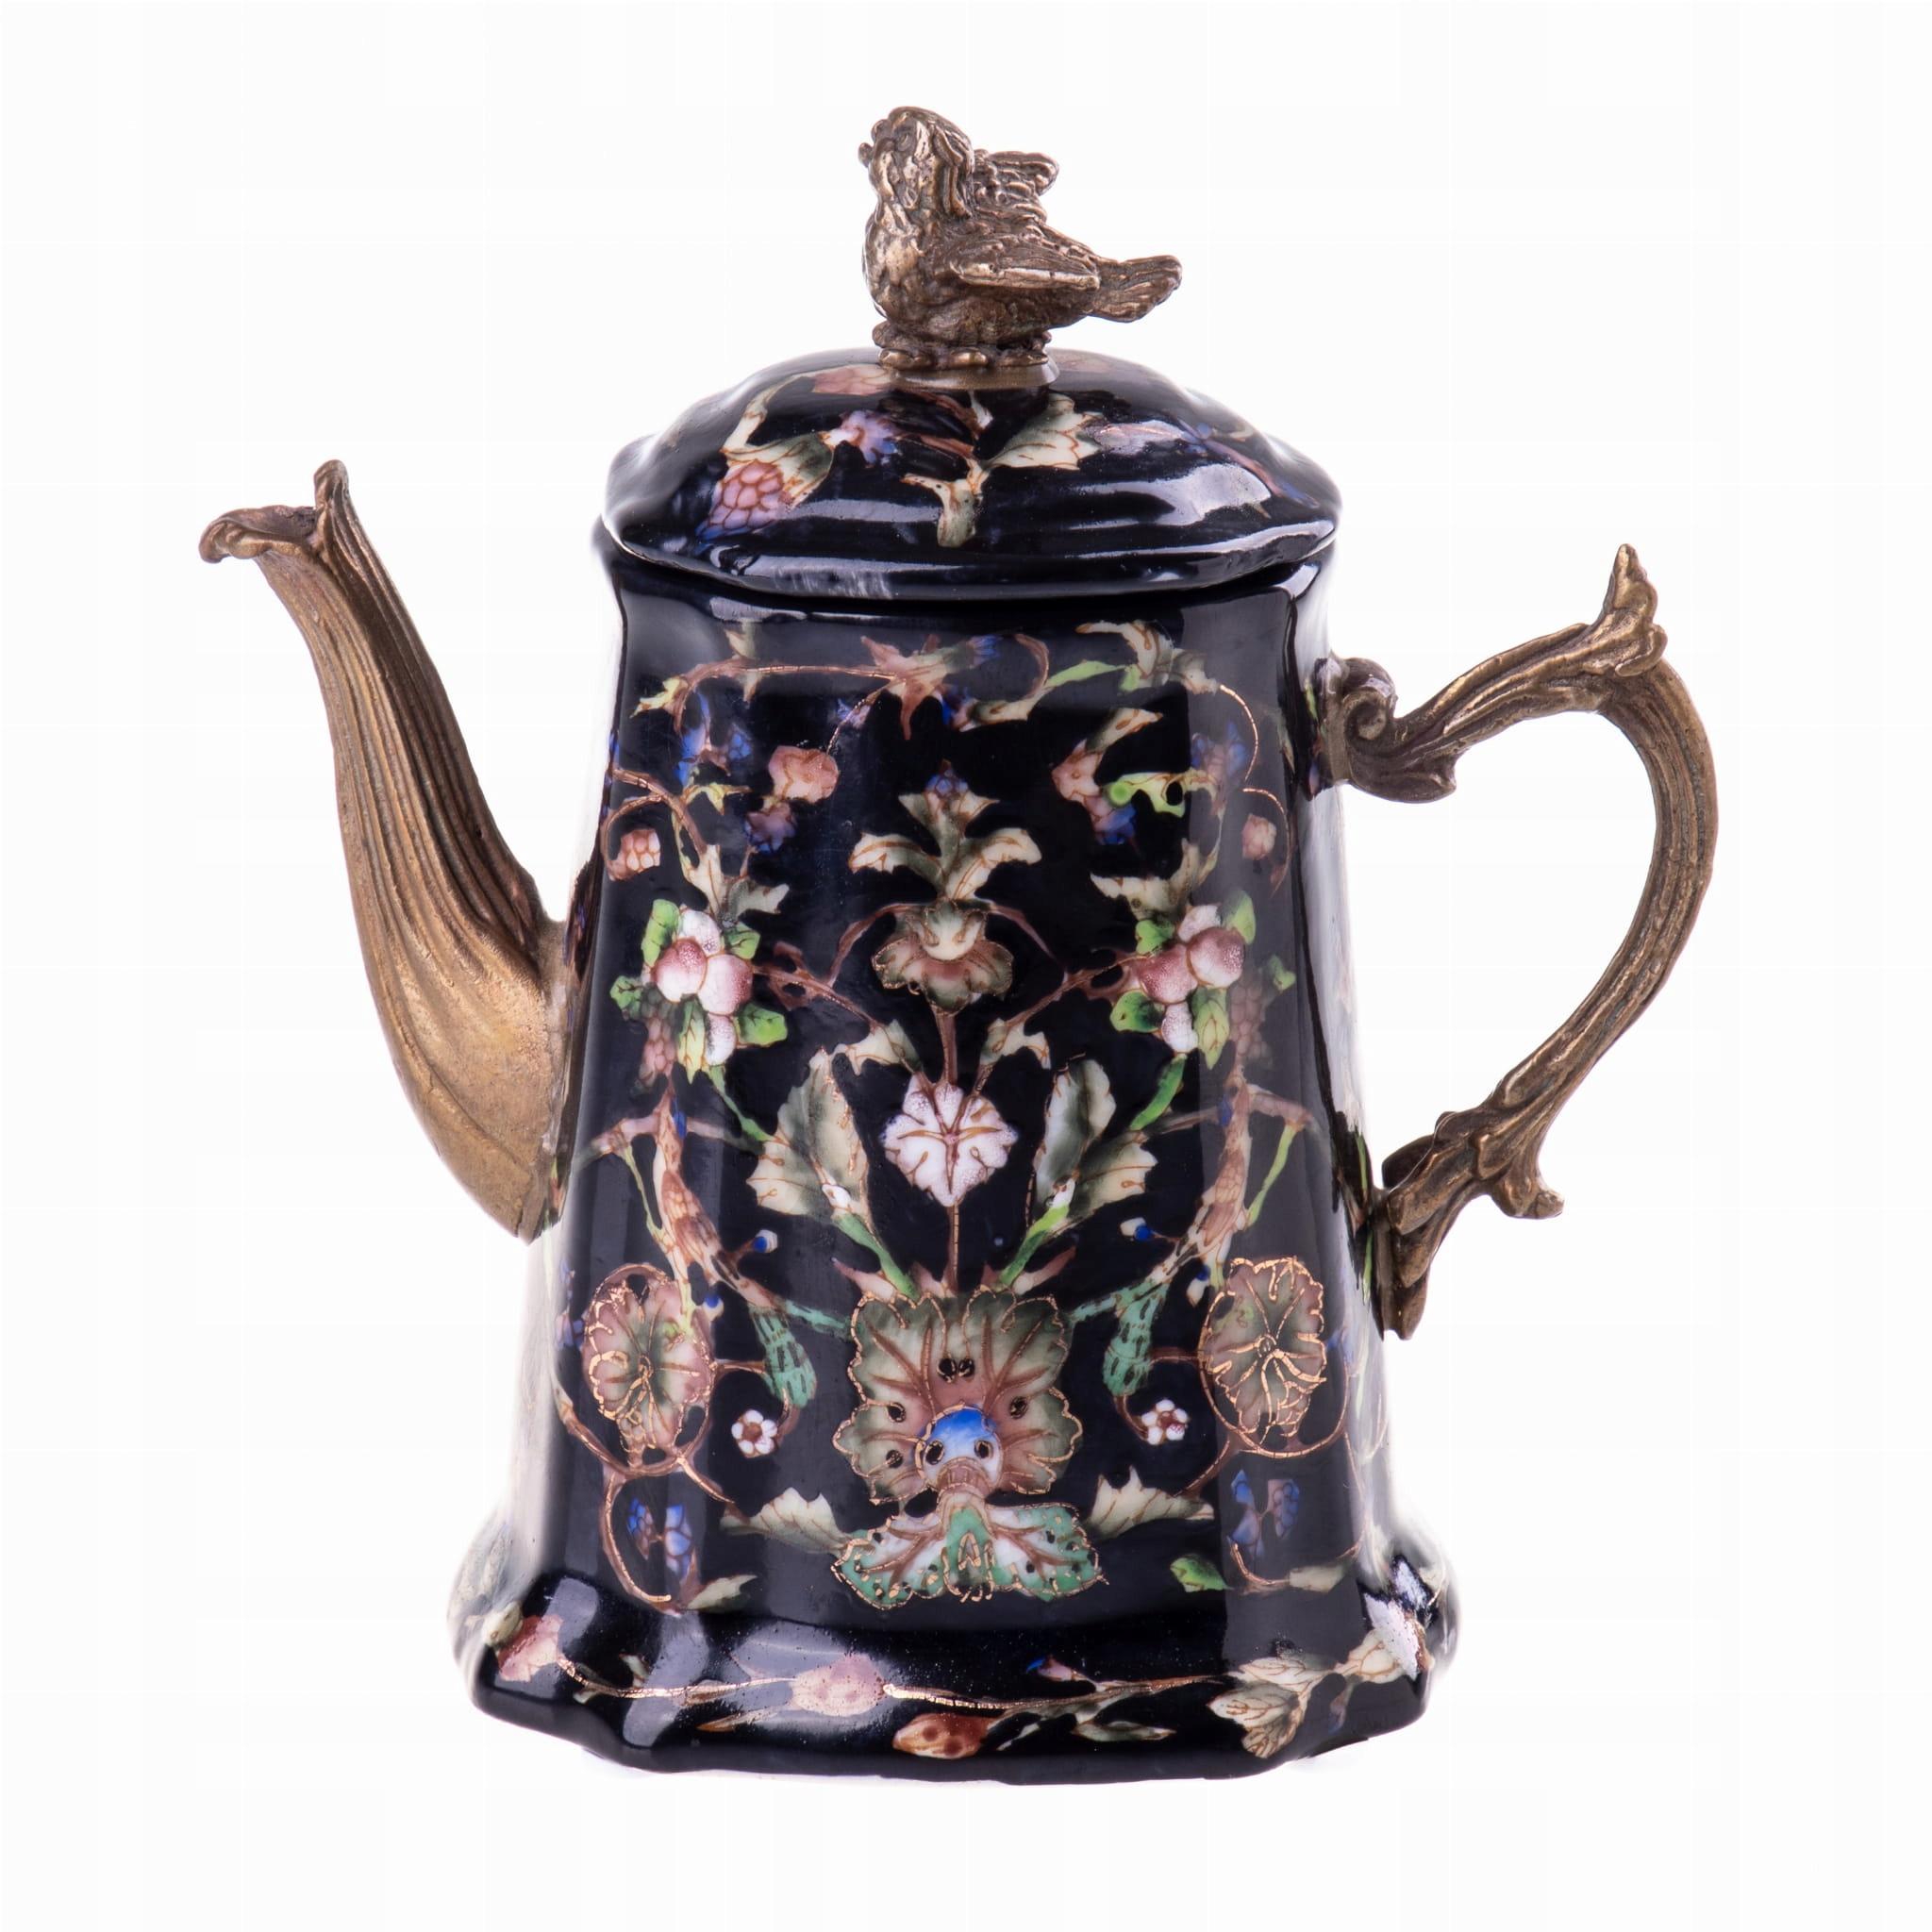 Čierny retro porcelánový džbán